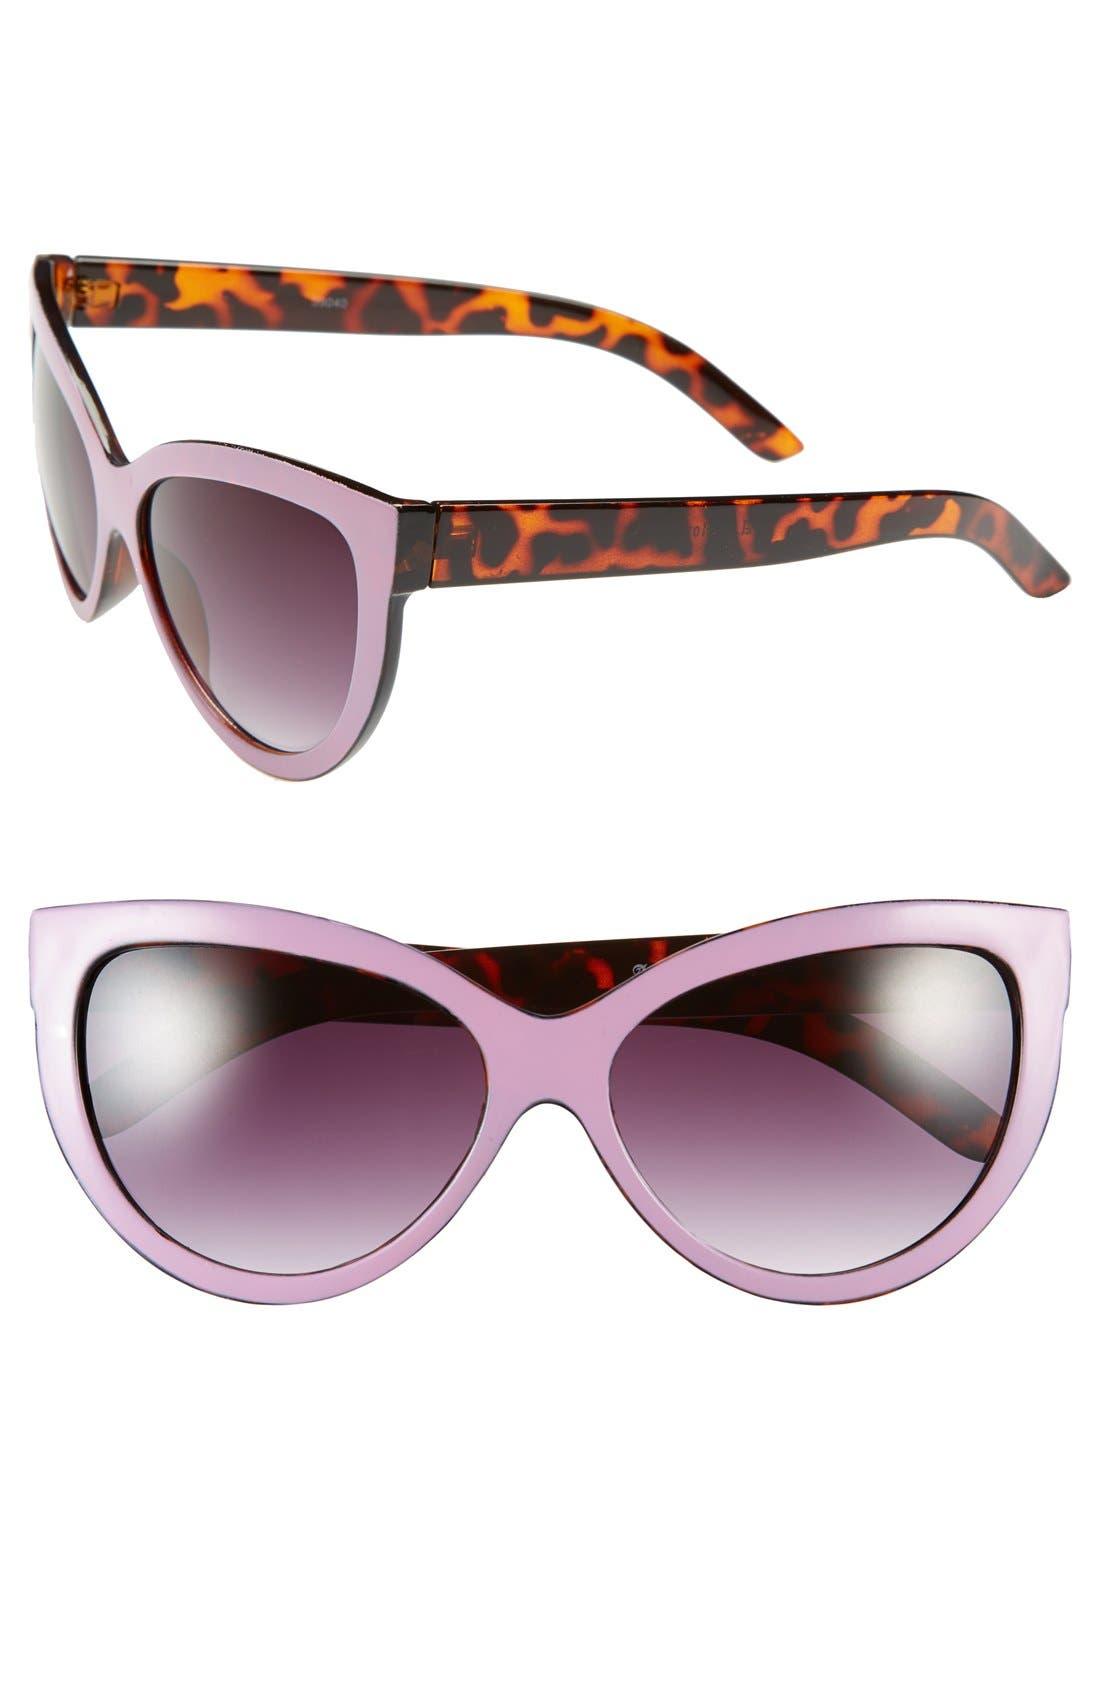 Main Image - A.J. Morgan 'Love Story' 57mm Cat Eye Sunglasses